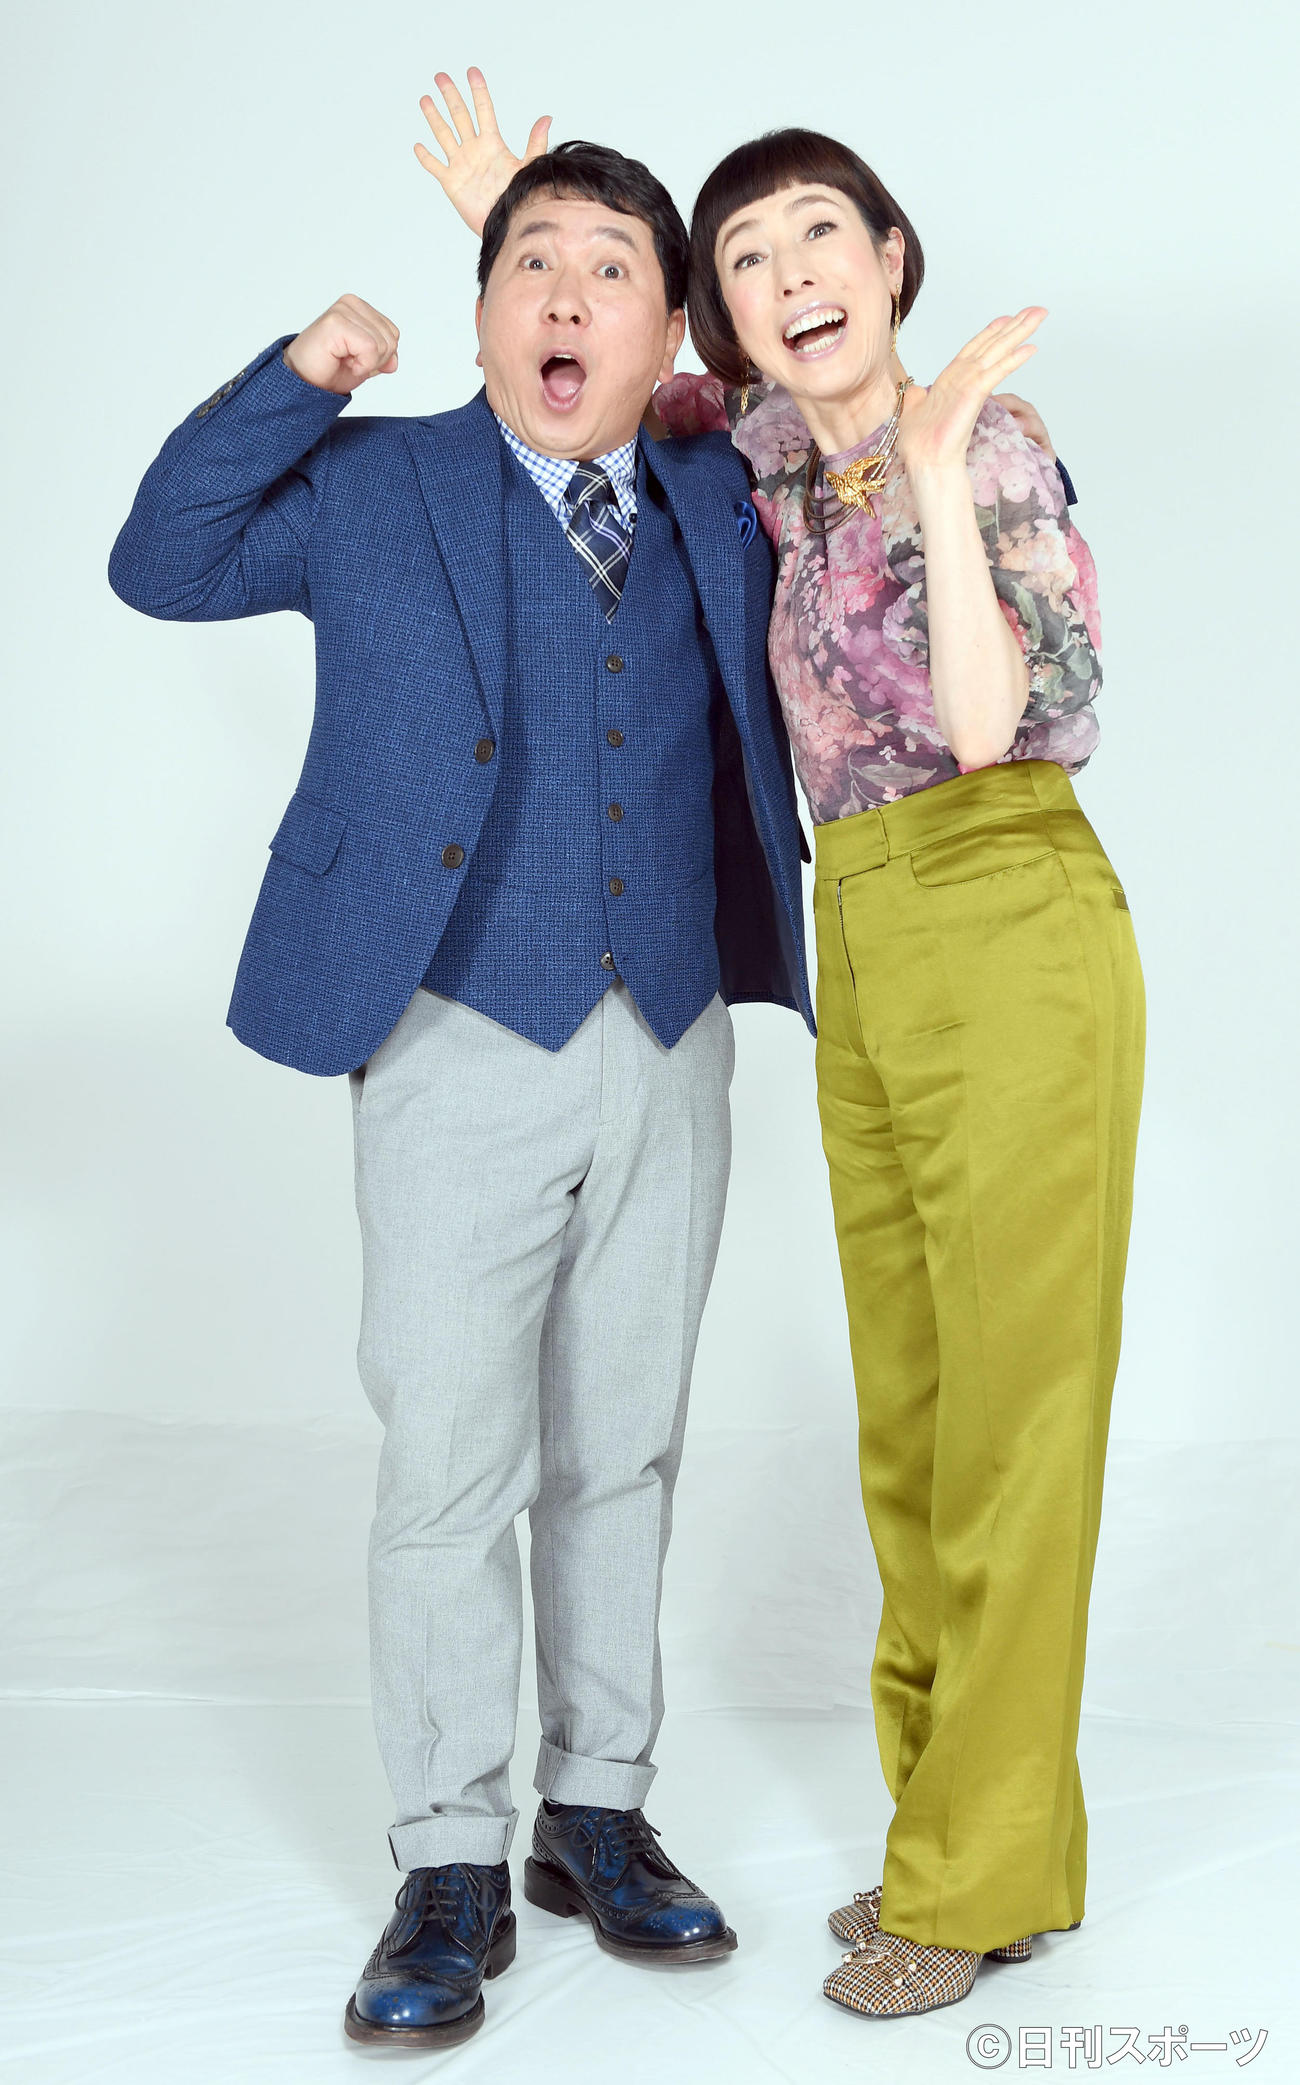 13年目を迎える「秘密のケンミンSHOW」の新MCに抜てきされた爆笑問題の田中裕二(左)は、久本雅美と「楽しみながら、がんばります」と笑顔でポーズを決める(撮影・たえ見朱実)